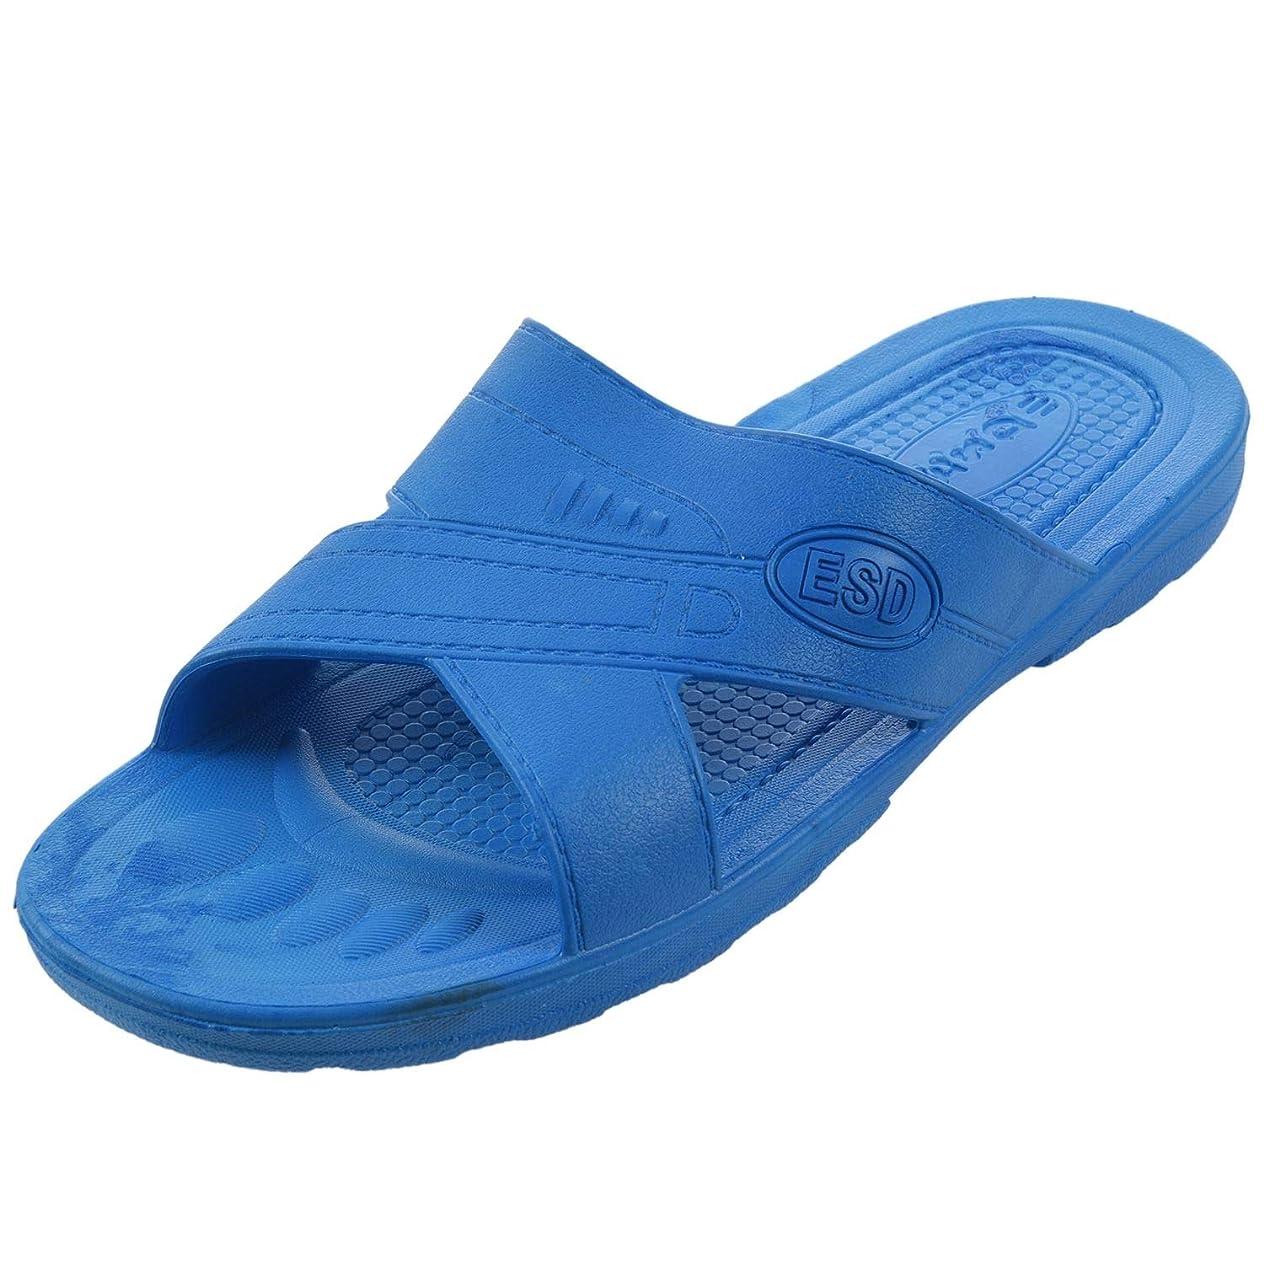 カード立場意識的RETYLY 静電気防止用スリッパ クリーン ダストフリー 保護スリッパ、男性と女性のクリーンな作業靴 柔らかい底46